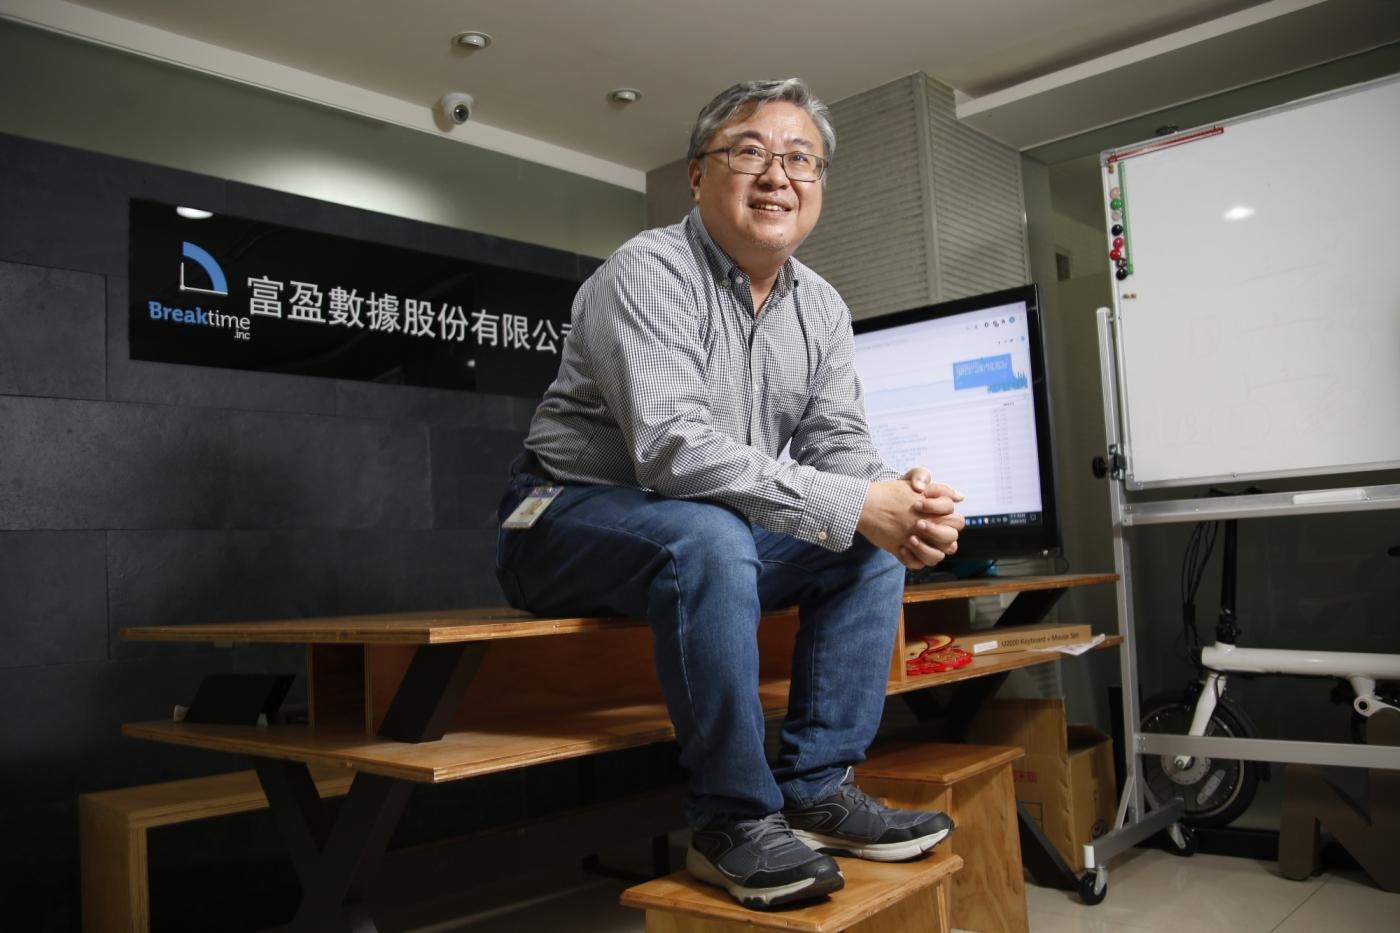 20年微軟老兵加入鴻海集團!IT硬底子新董上任,能為富盈數據帶來什麼轉變?